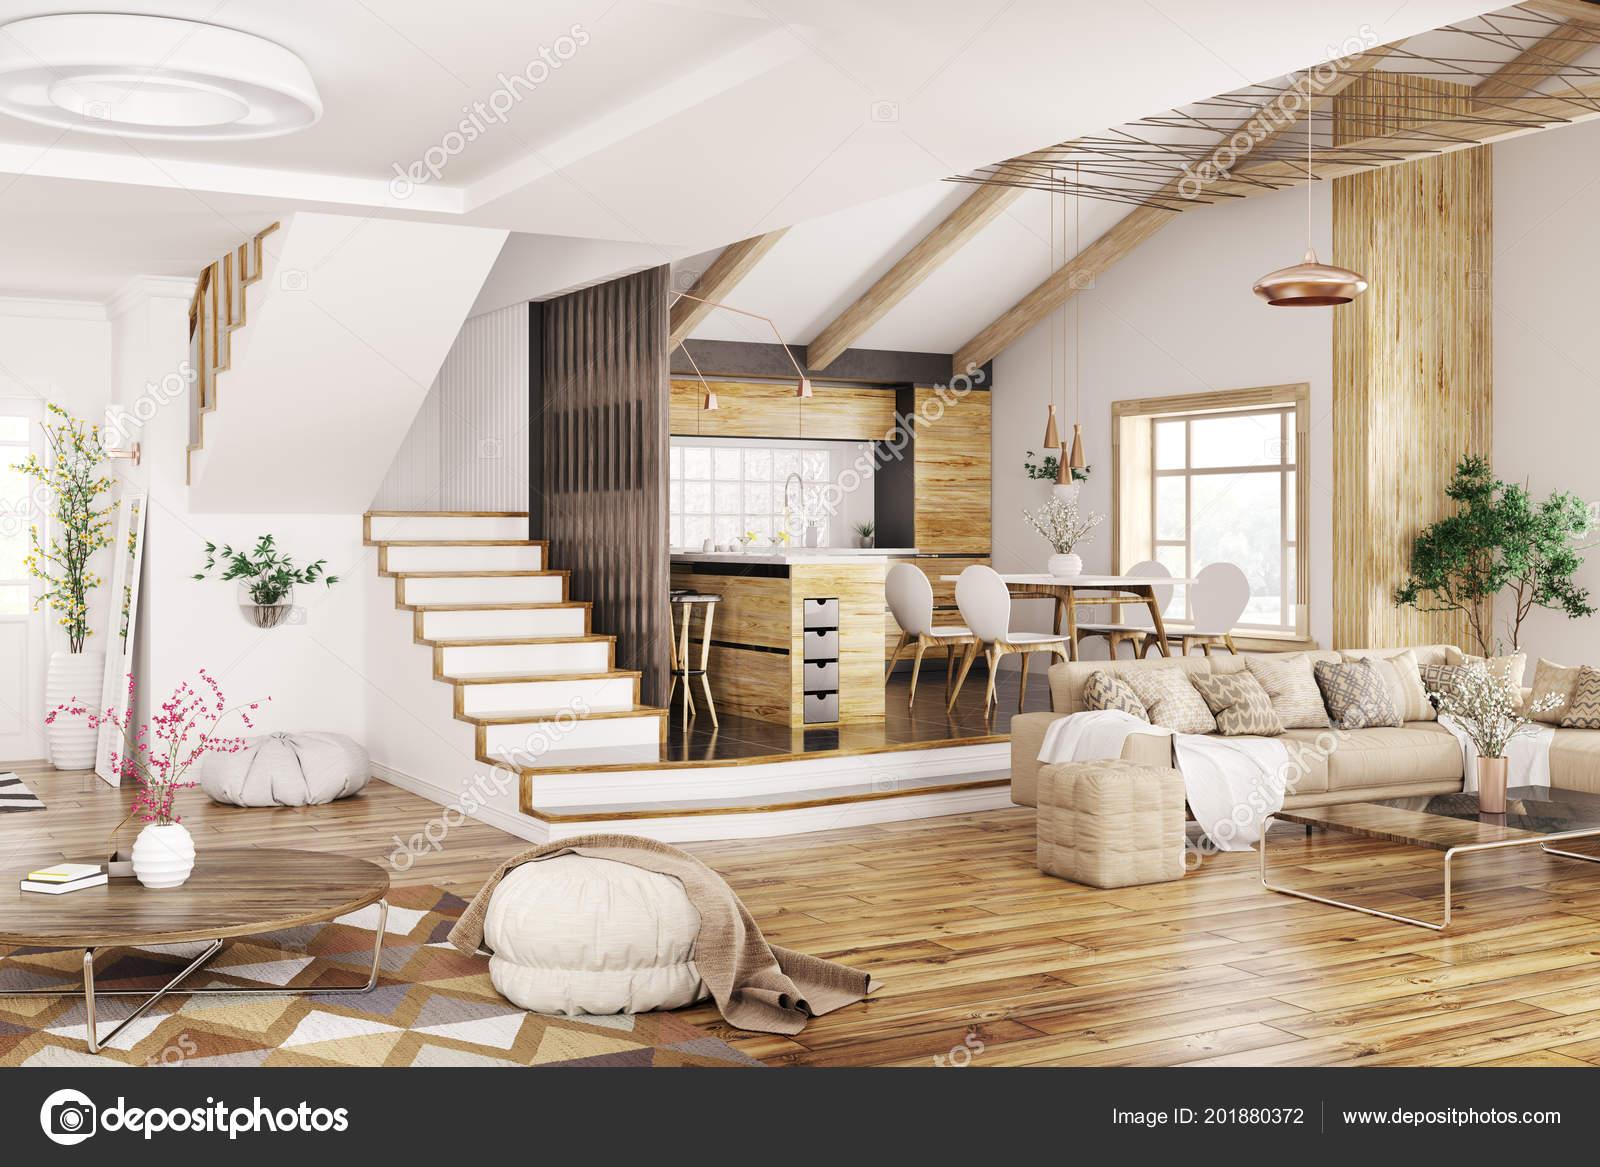 Modernes Design Für Haus Küche Wohnzimmer Mit Sofa Flur ...